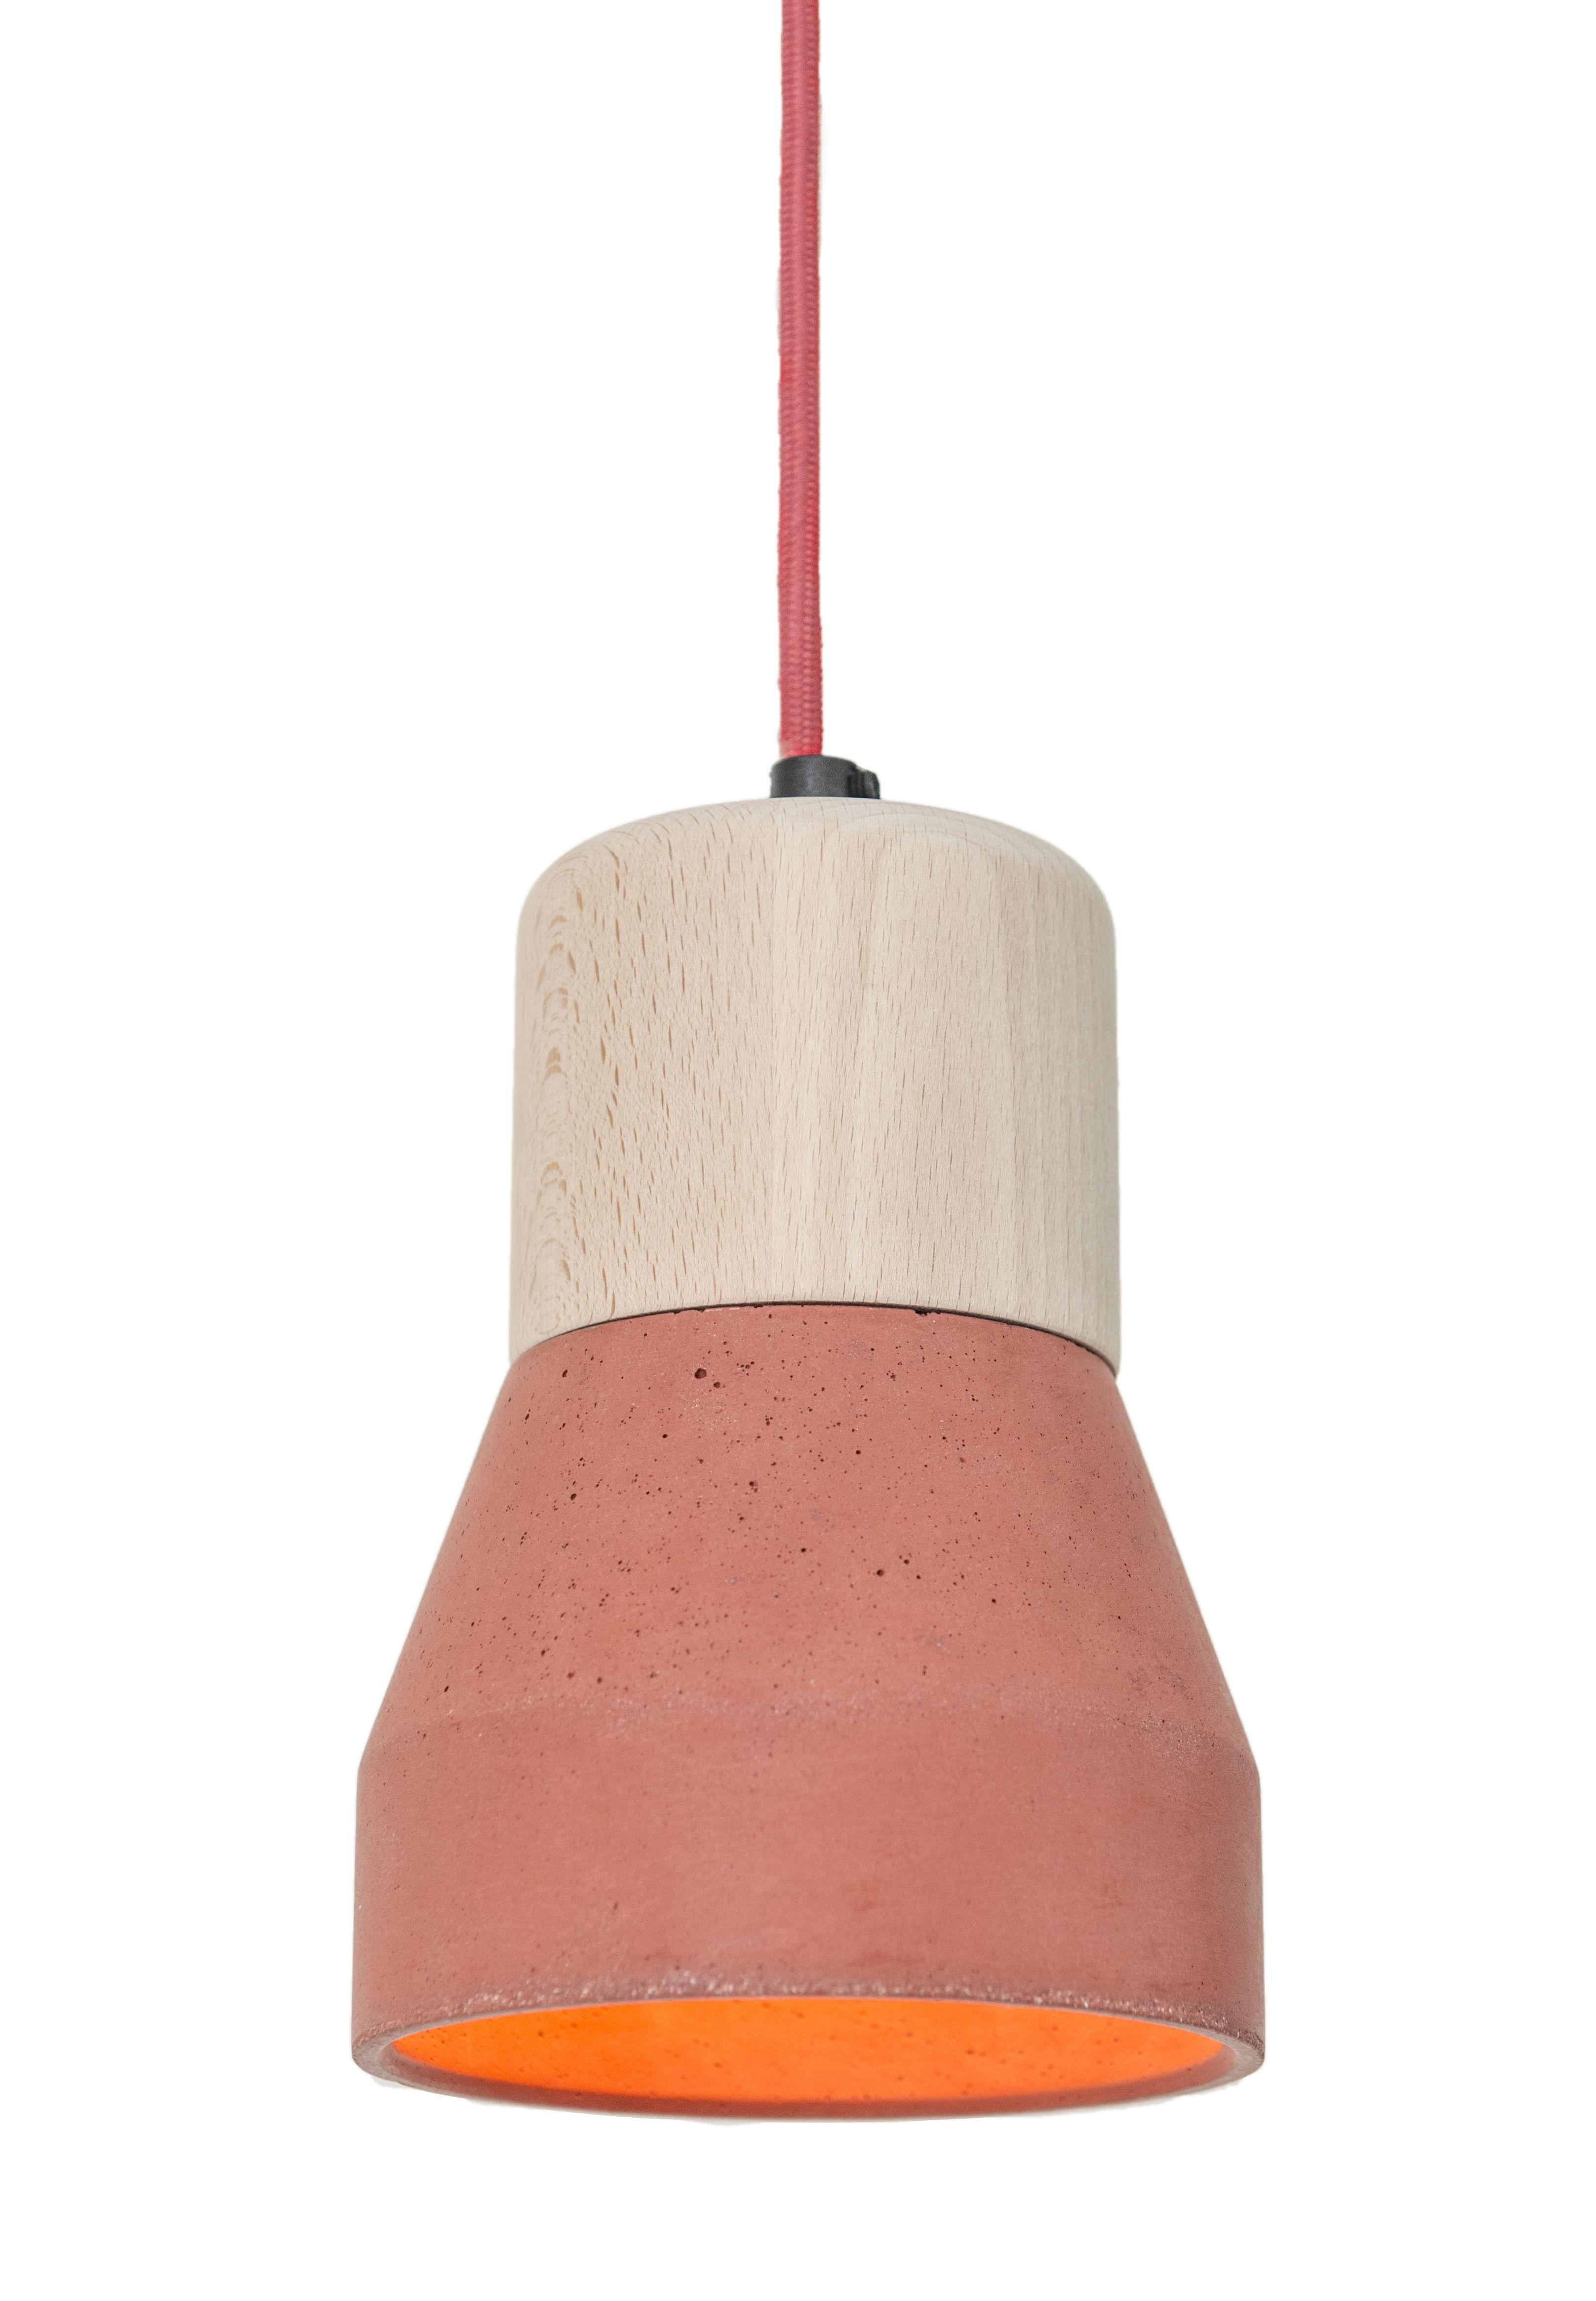 Illuminazione - Lampadari - Sospensione Cement Wood - / Ø 13 cm di Spécimen Editions - Legno / Diffusore rosso - Calcestruzzo, Faggio